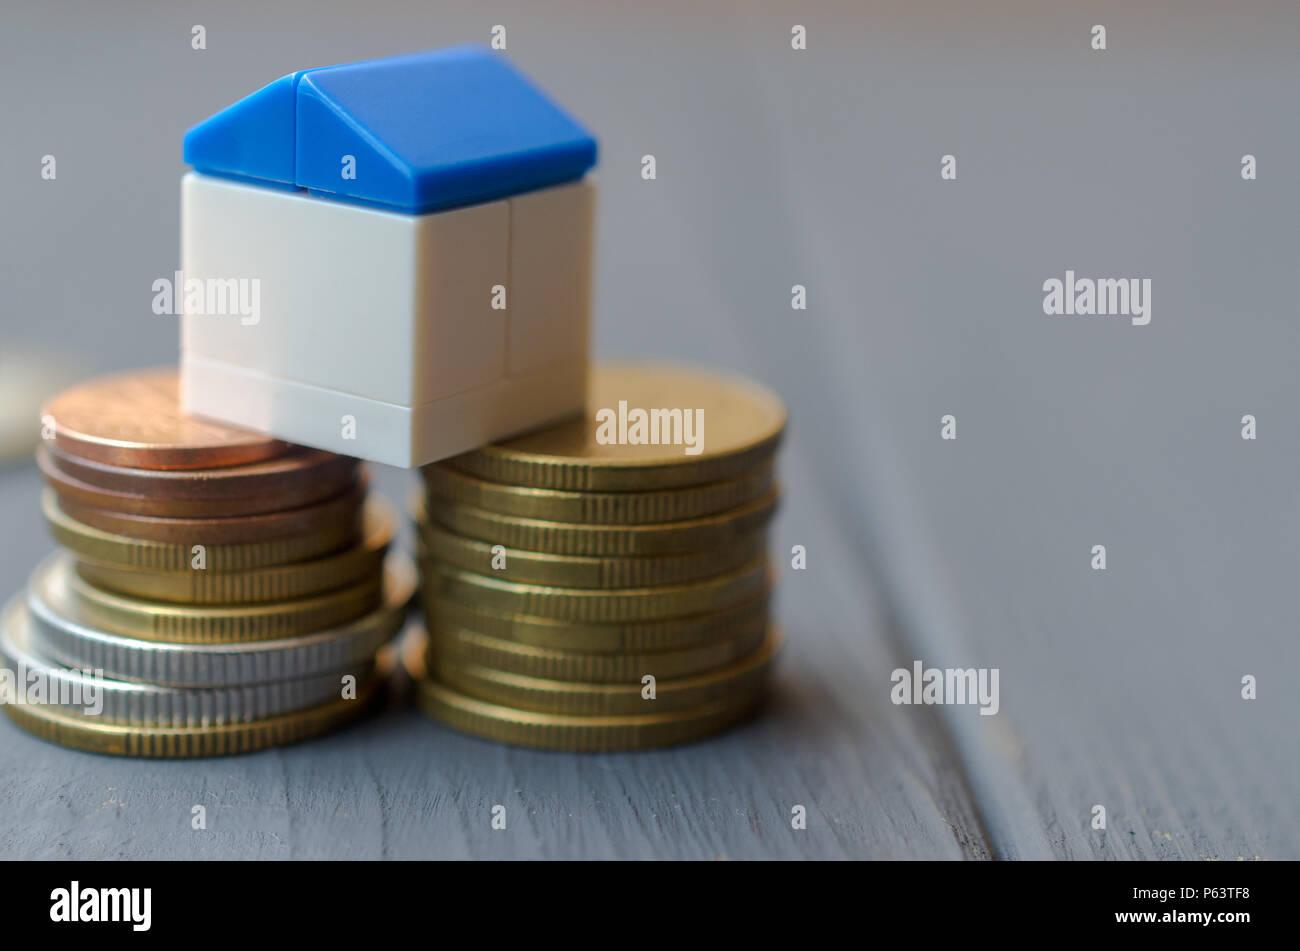 Das Konzept der Kredite für den Wohnungsbau. Weißes Haus mit blauen Dach auf einem Stapel von Münzen Stockfoto